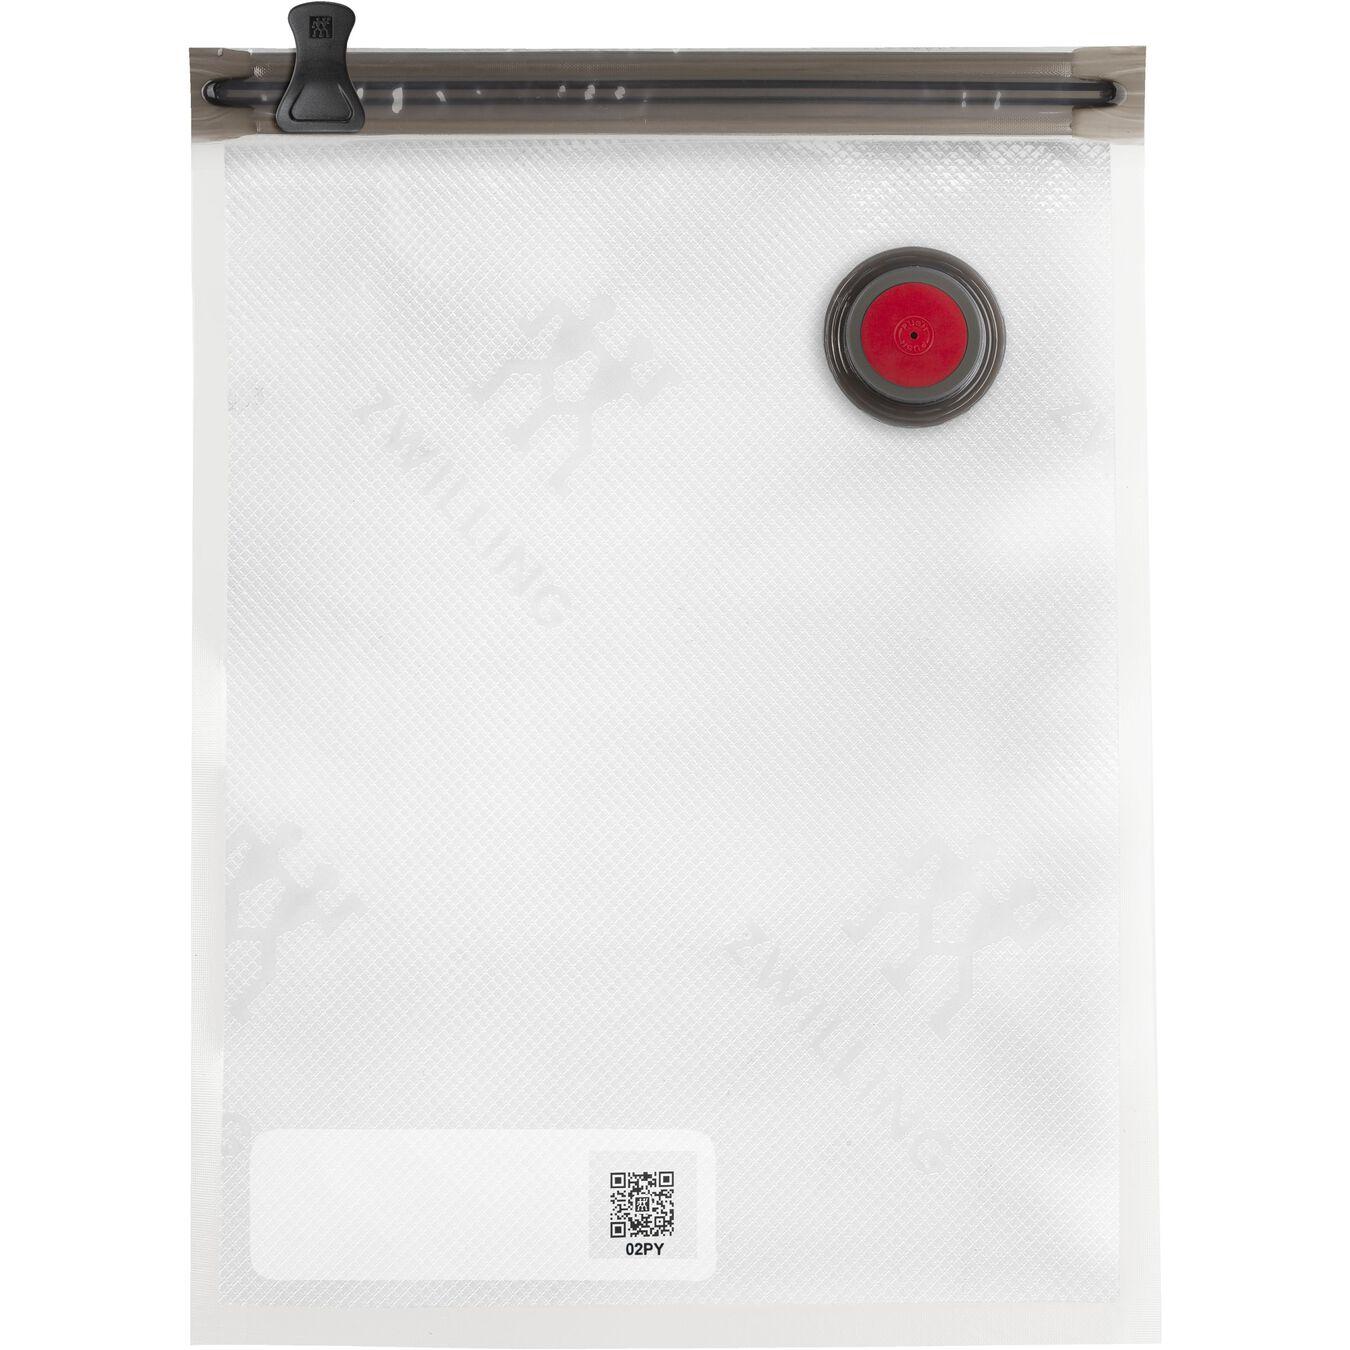 Vakuum Starterset, M/L / 7-tlg, Kunststoff, Weiß,,large 6